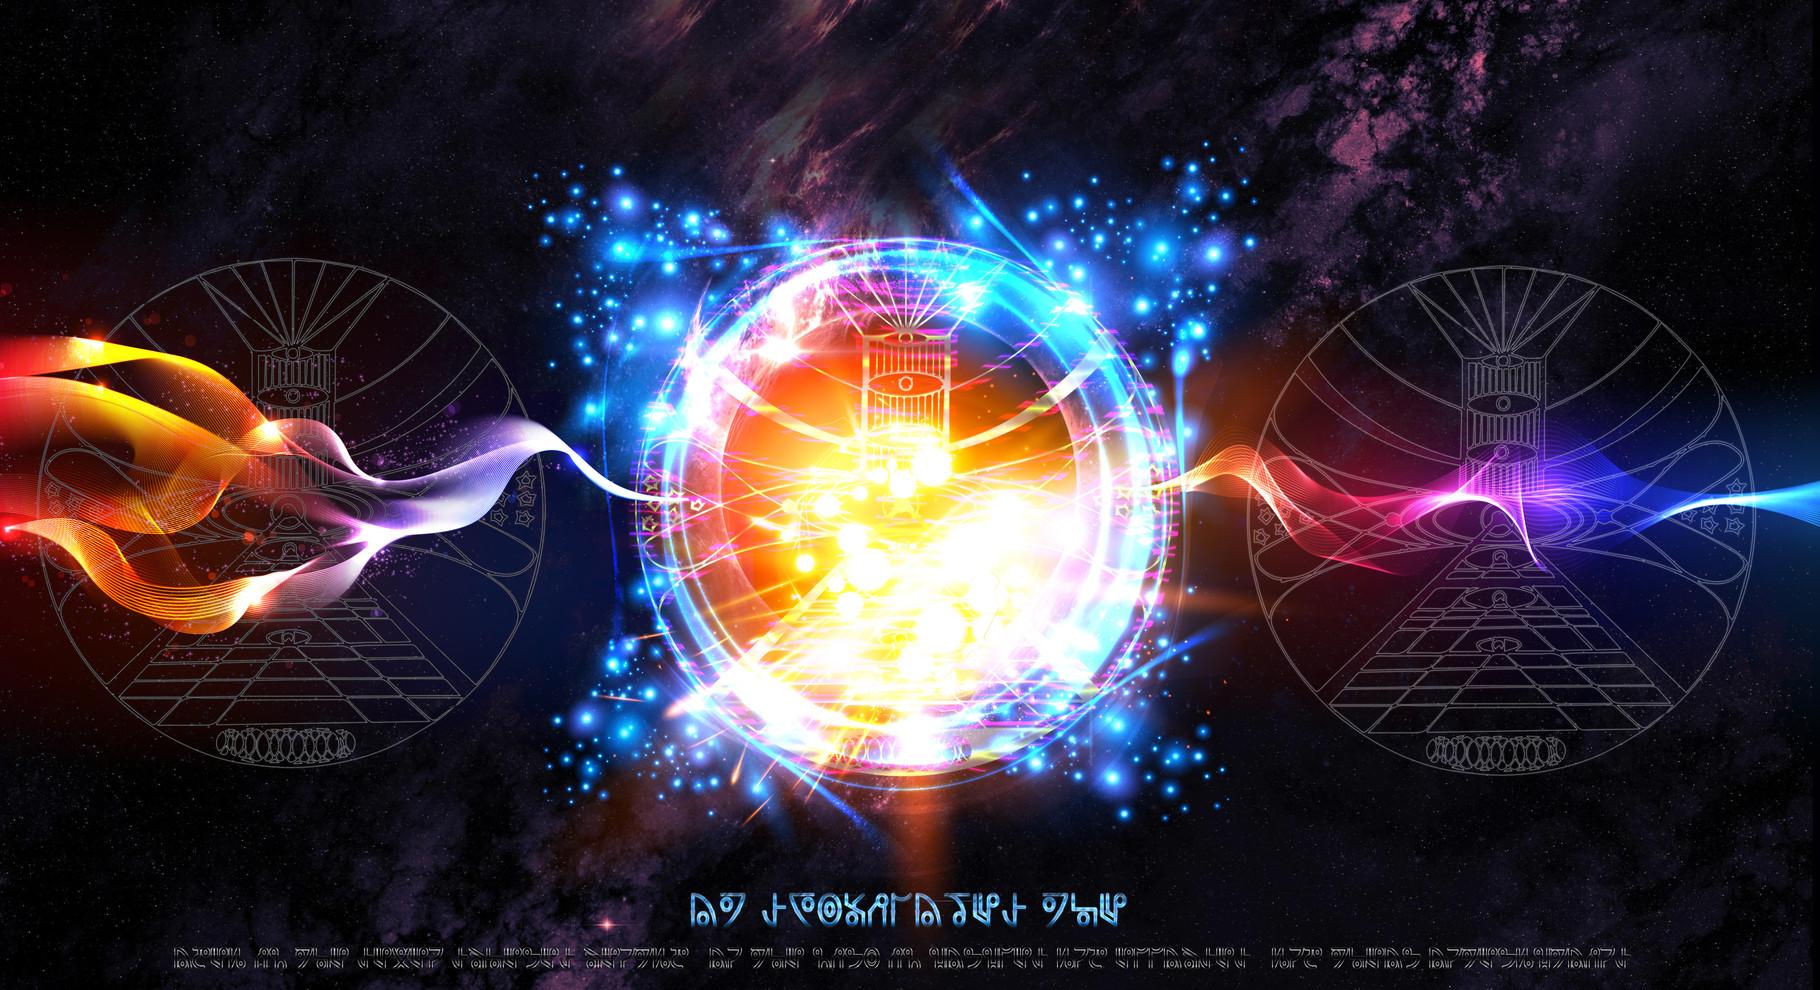 Таро Сила. Восстанавливает энергию, любовь к себе, личностную целостность. Энергия этого Аркана используется для обретения Силы стихий.